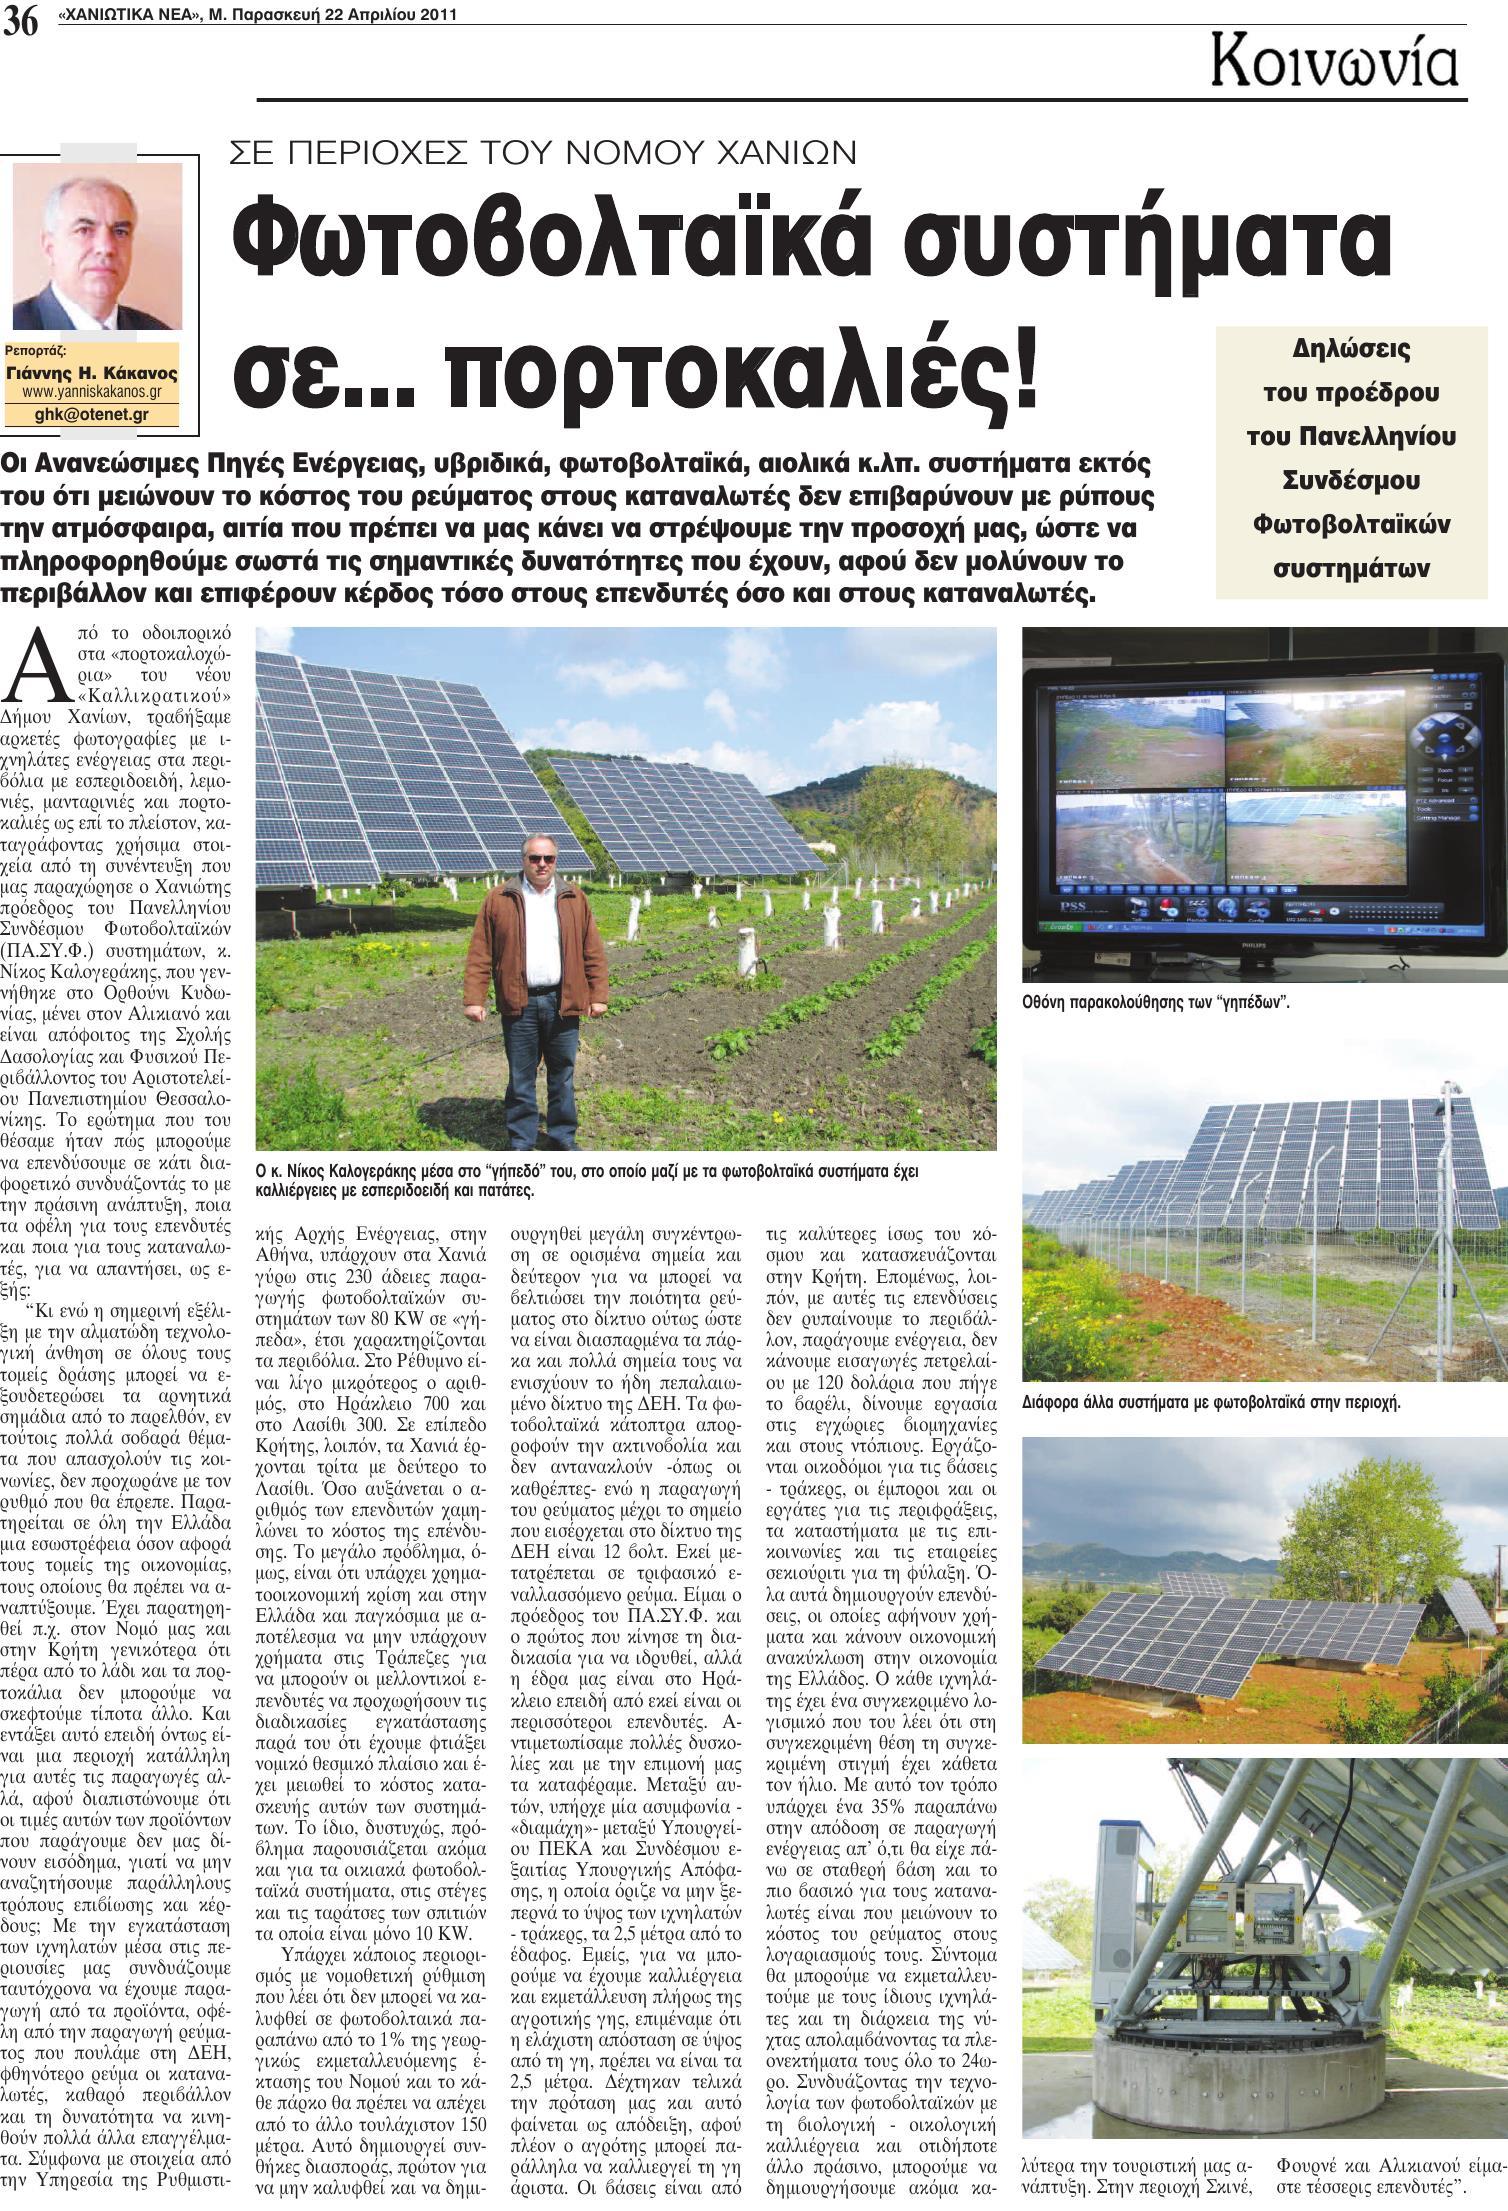 36-20110422 Φωτοβολταικά συστήματα σε πορτοκαλιές